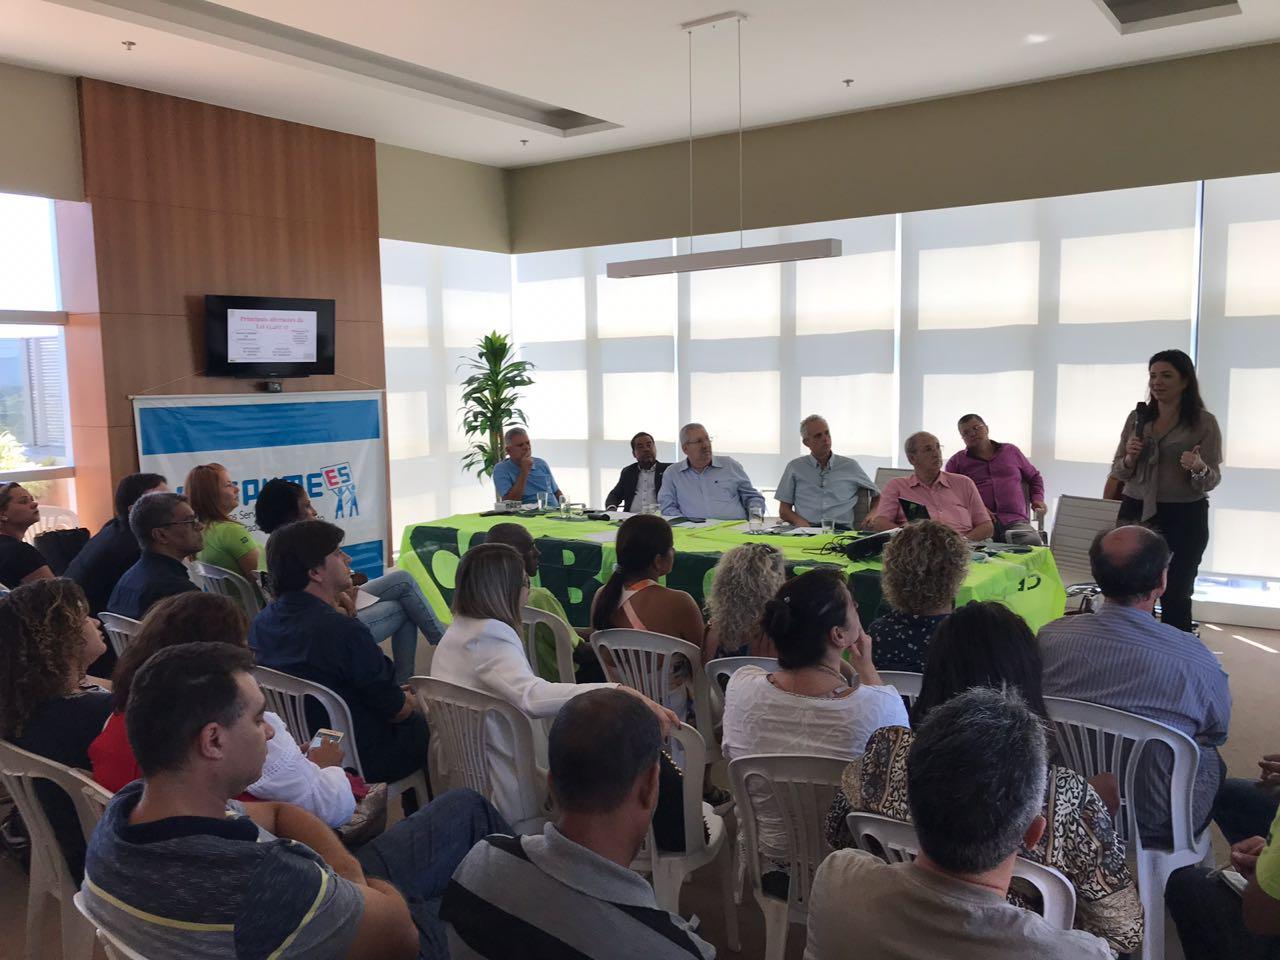 Dirigentes sindicais debatem estratégias de organização e enfrentamento à reforma trabalhista em Vitória (ES)